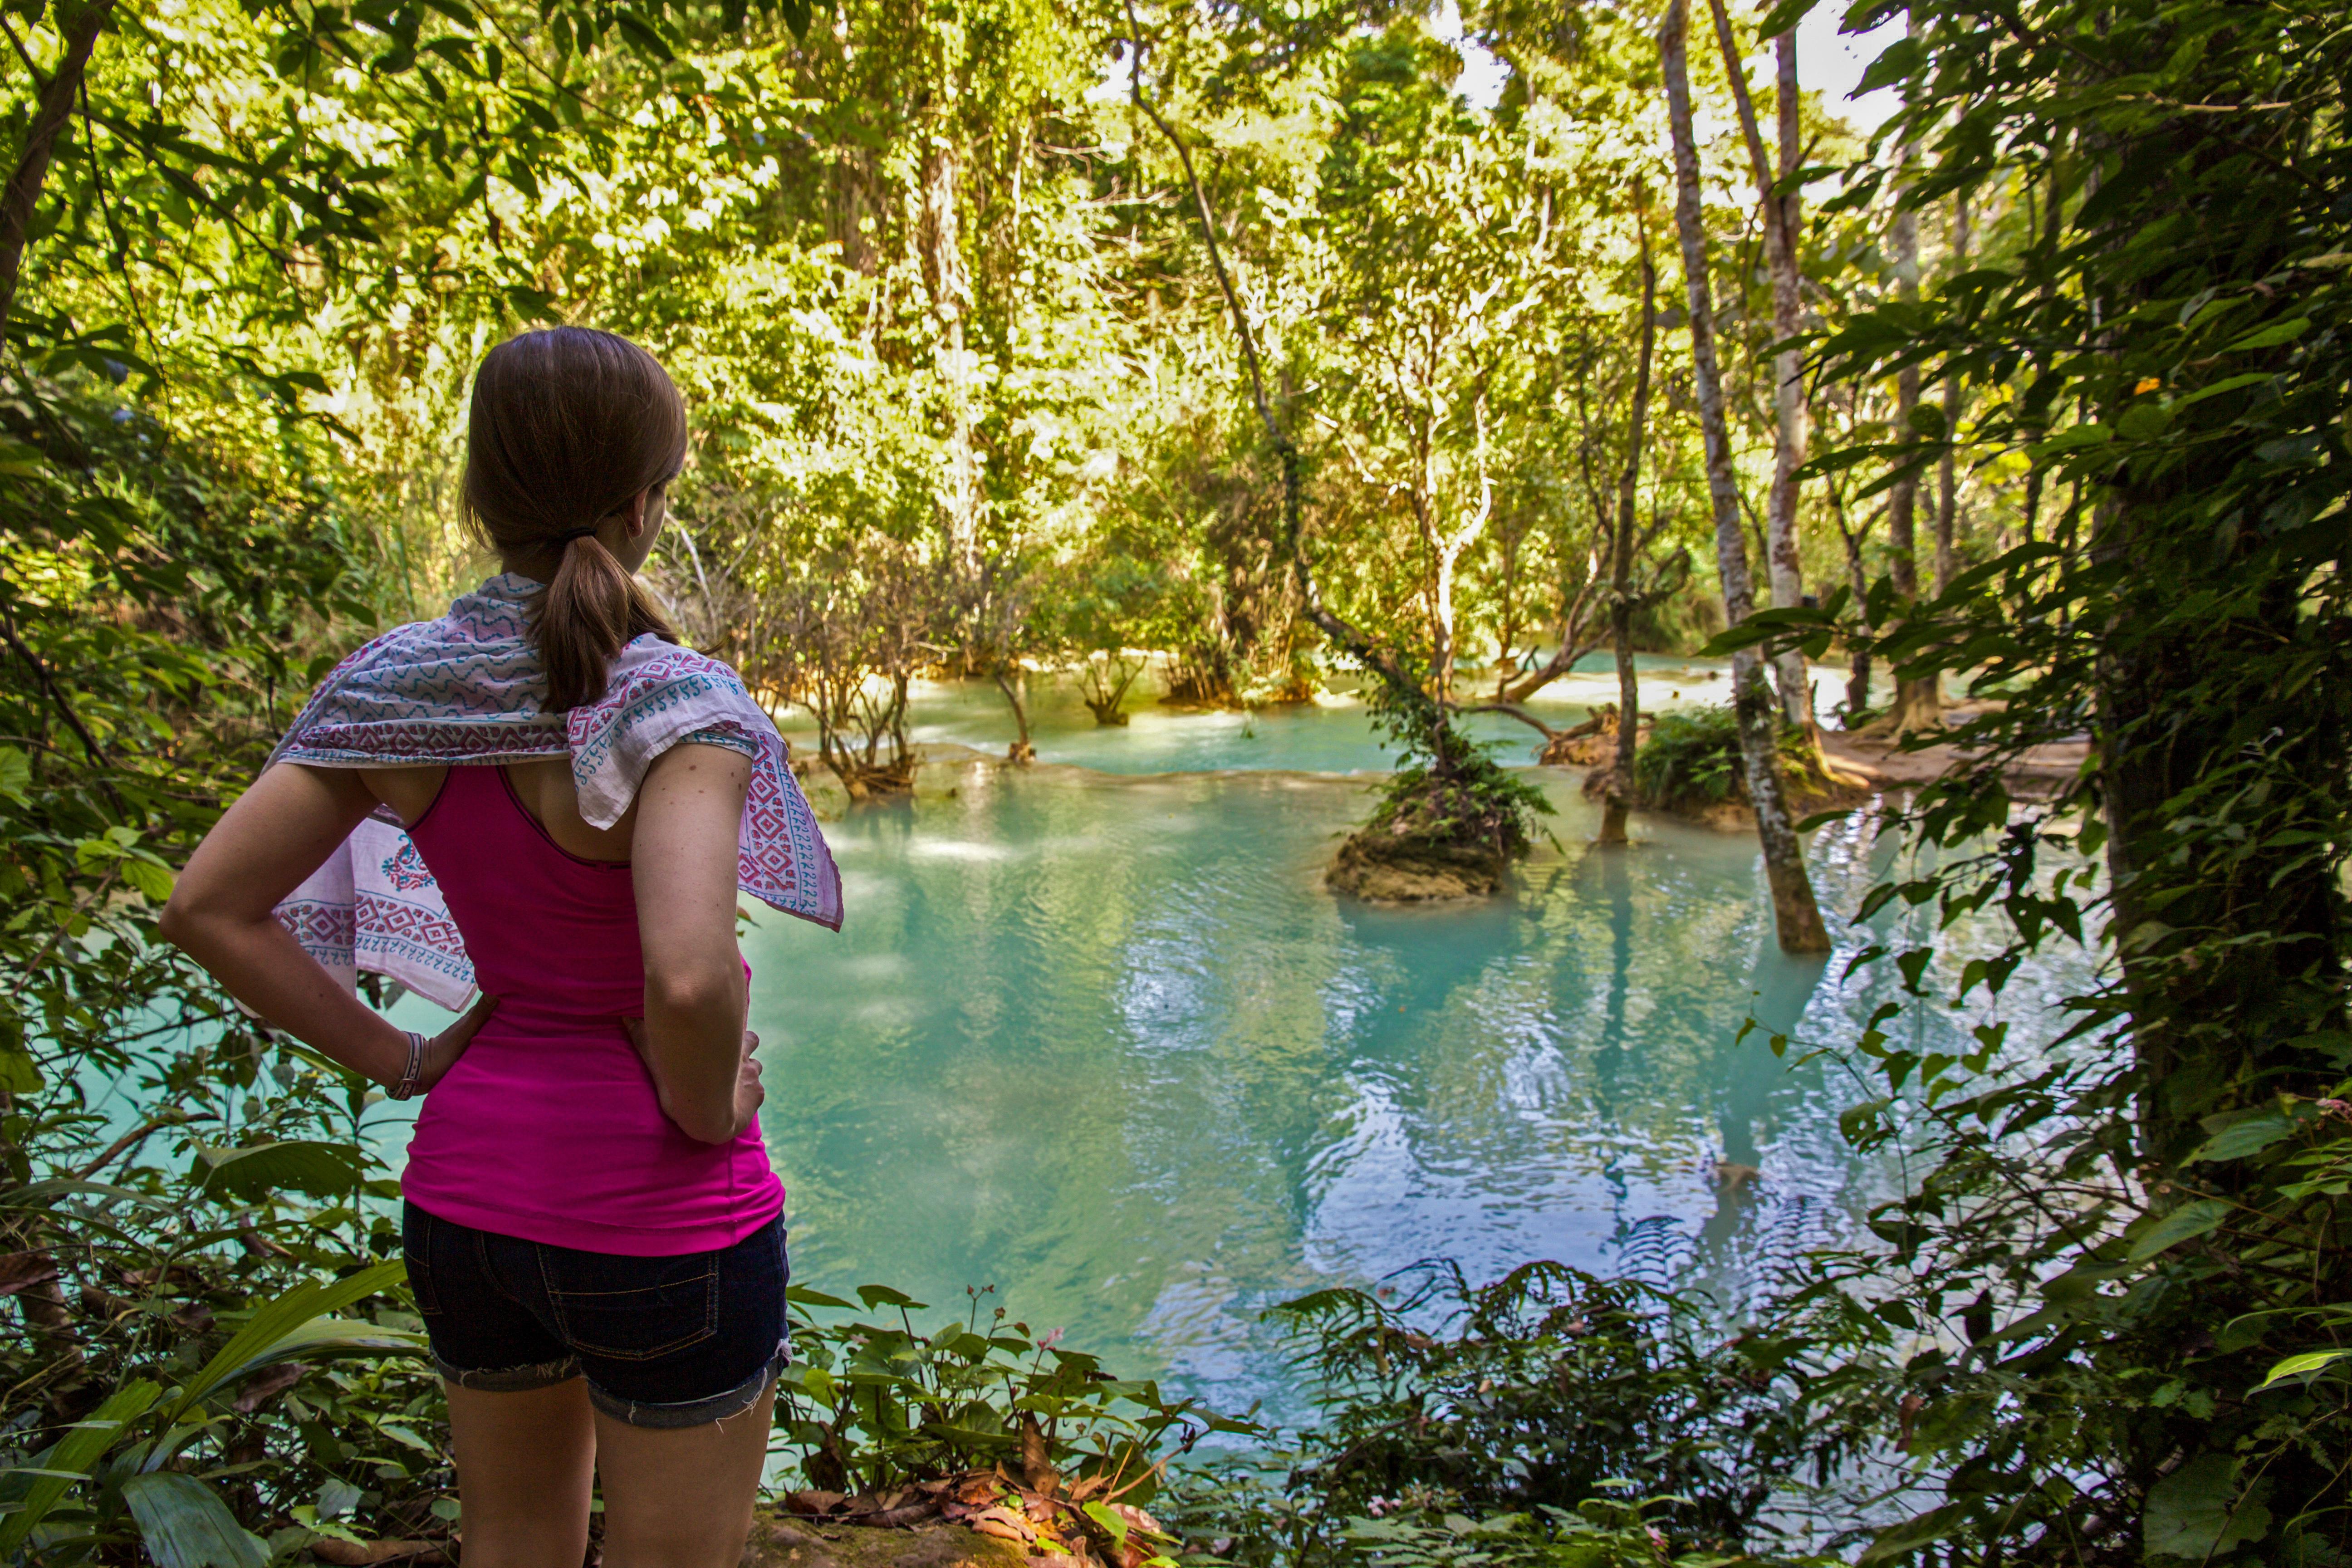 Mini-Abenteuer Laos 18-to-Thirtysomethings